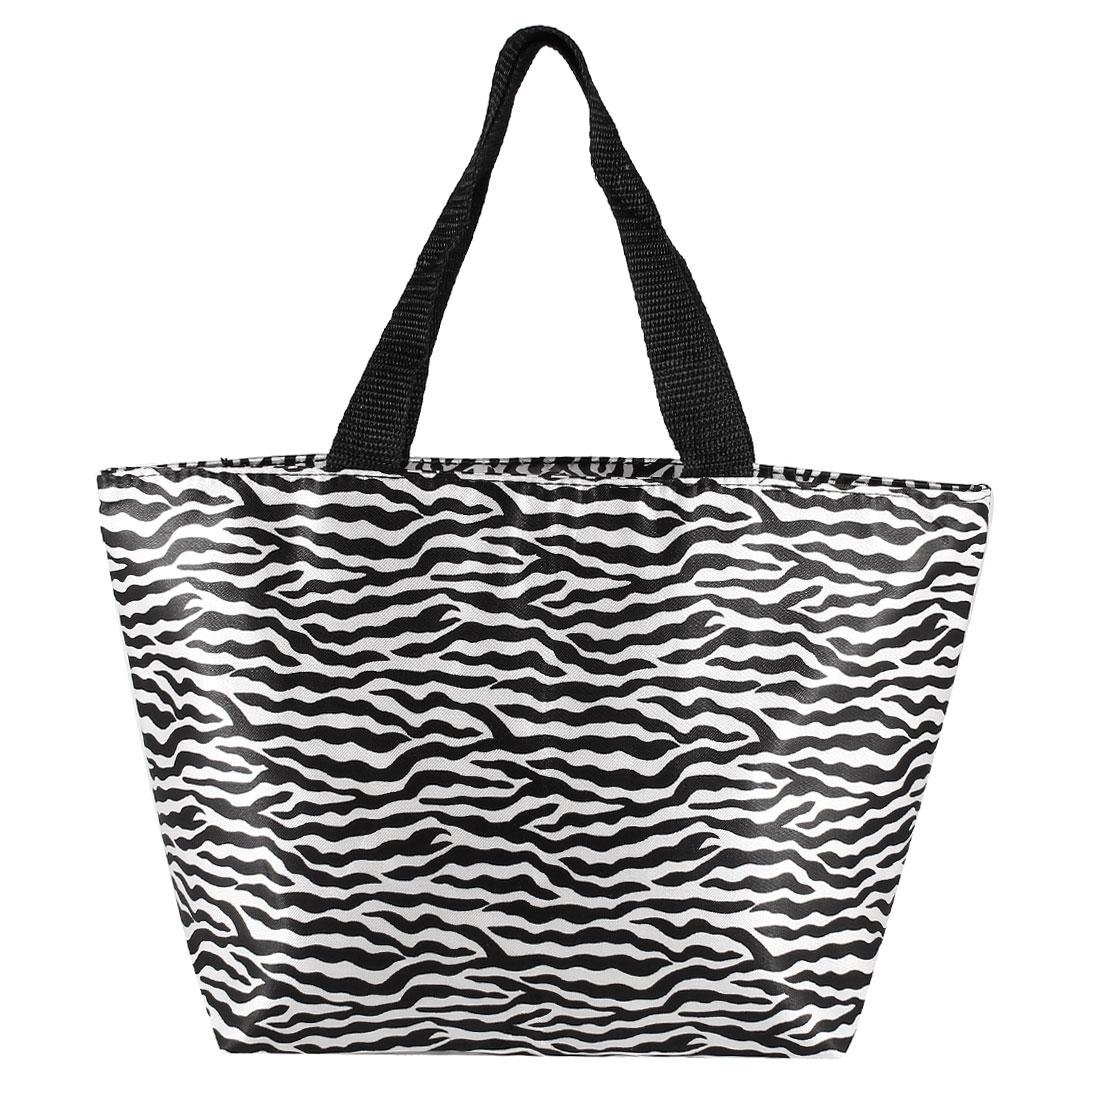 Lady Recycle Black White Zebra Pattern Zipper Shopping Bag Handbag